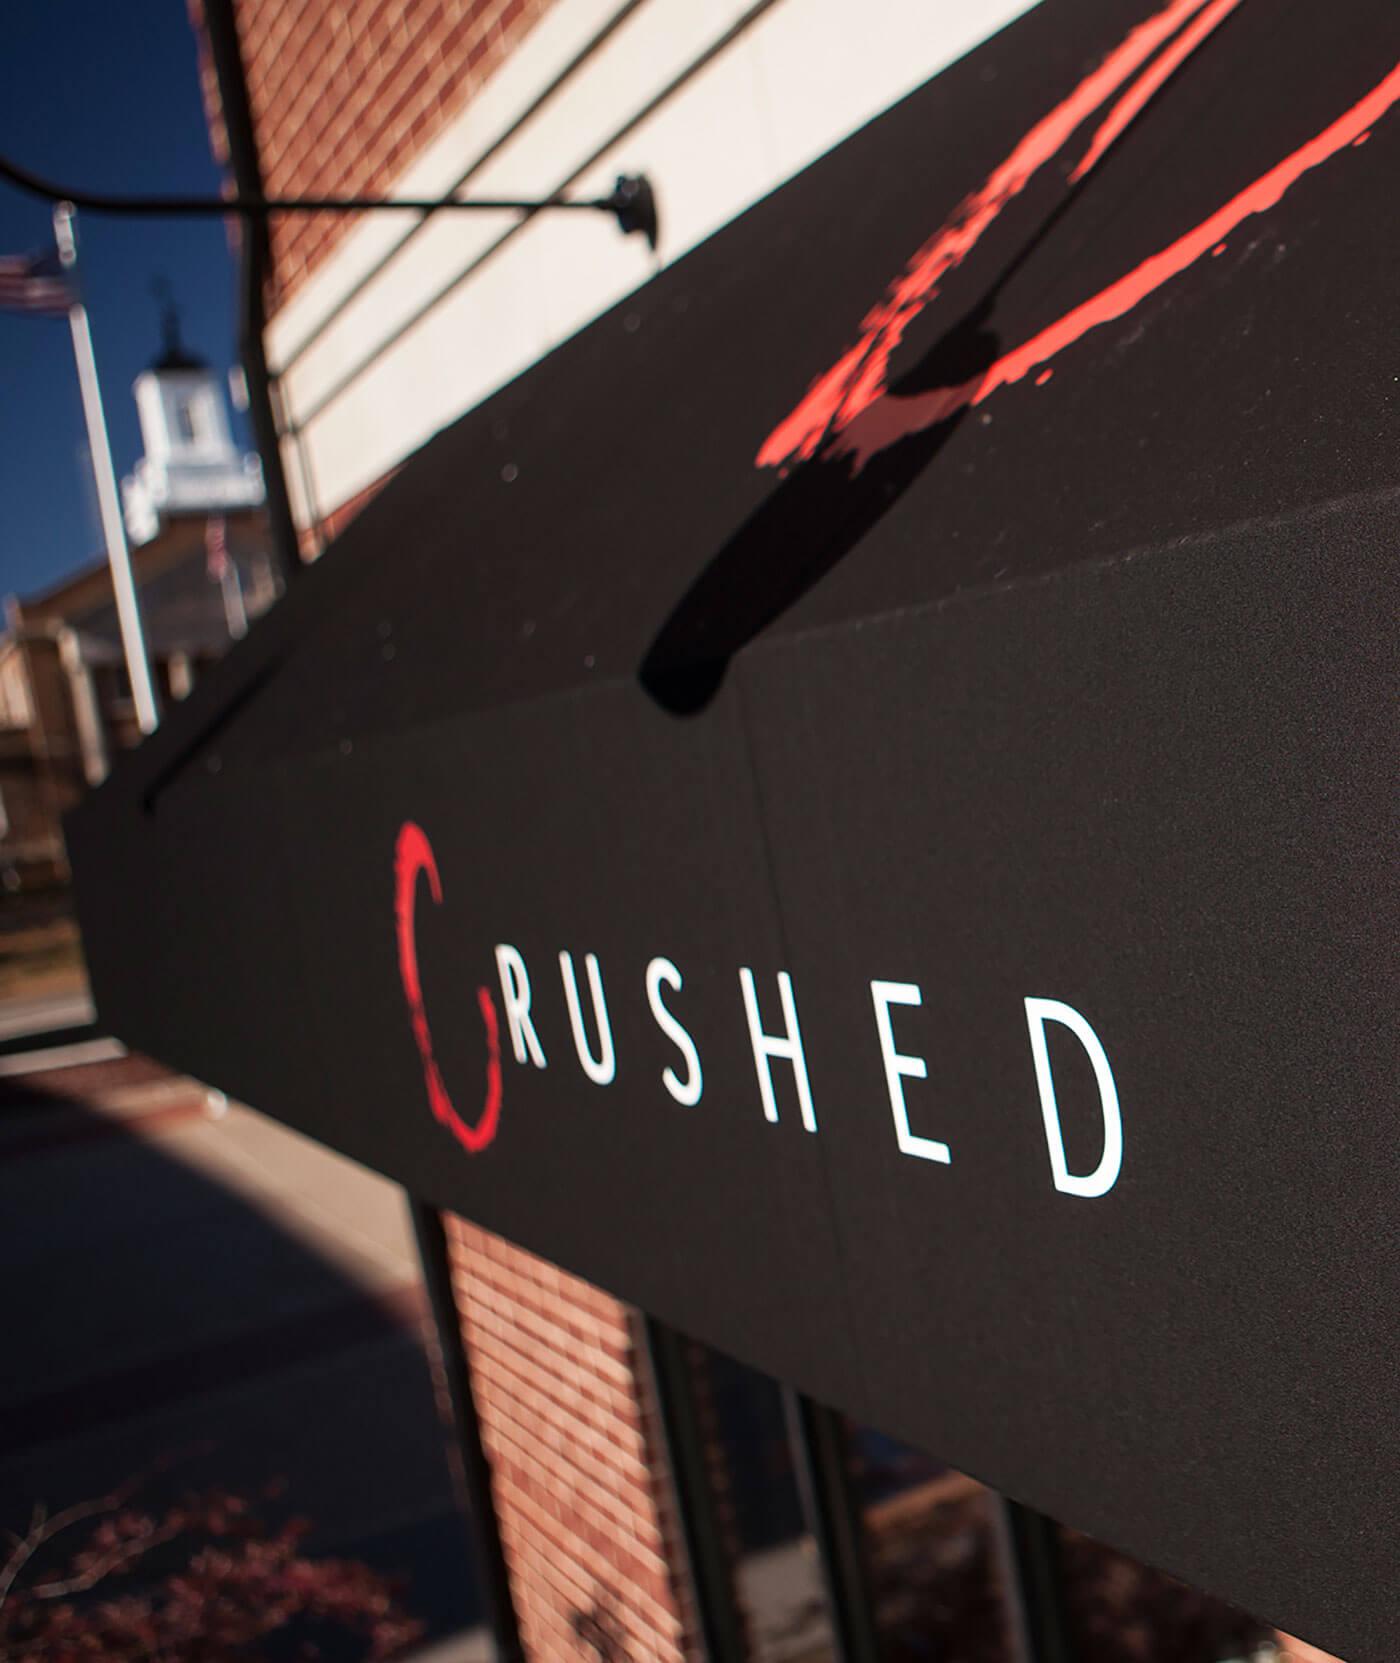 Toldo de estrutura fixa sobre um restaurante, com tecido preto e logotipos em vermelho, aplicadas pelo Sunbrella Graphics System